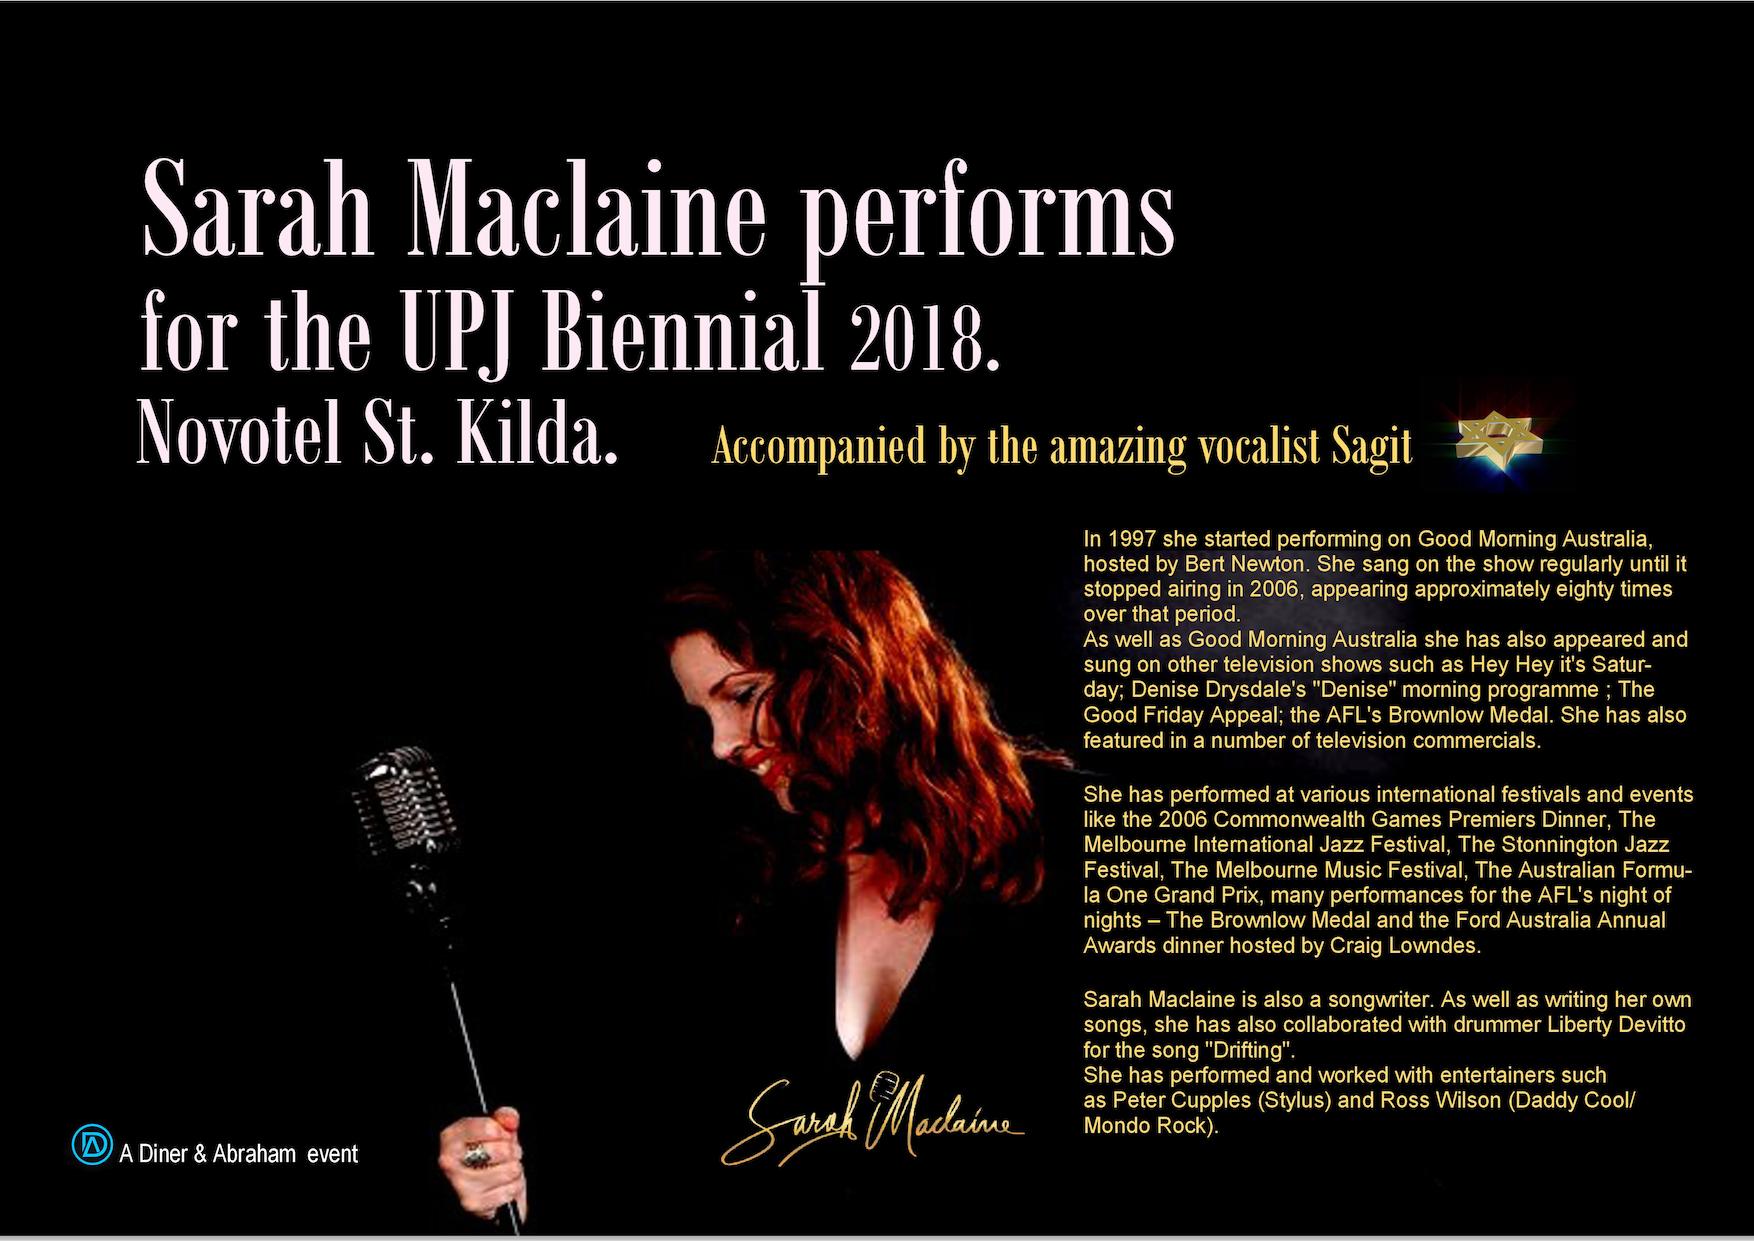 sarah-macleane